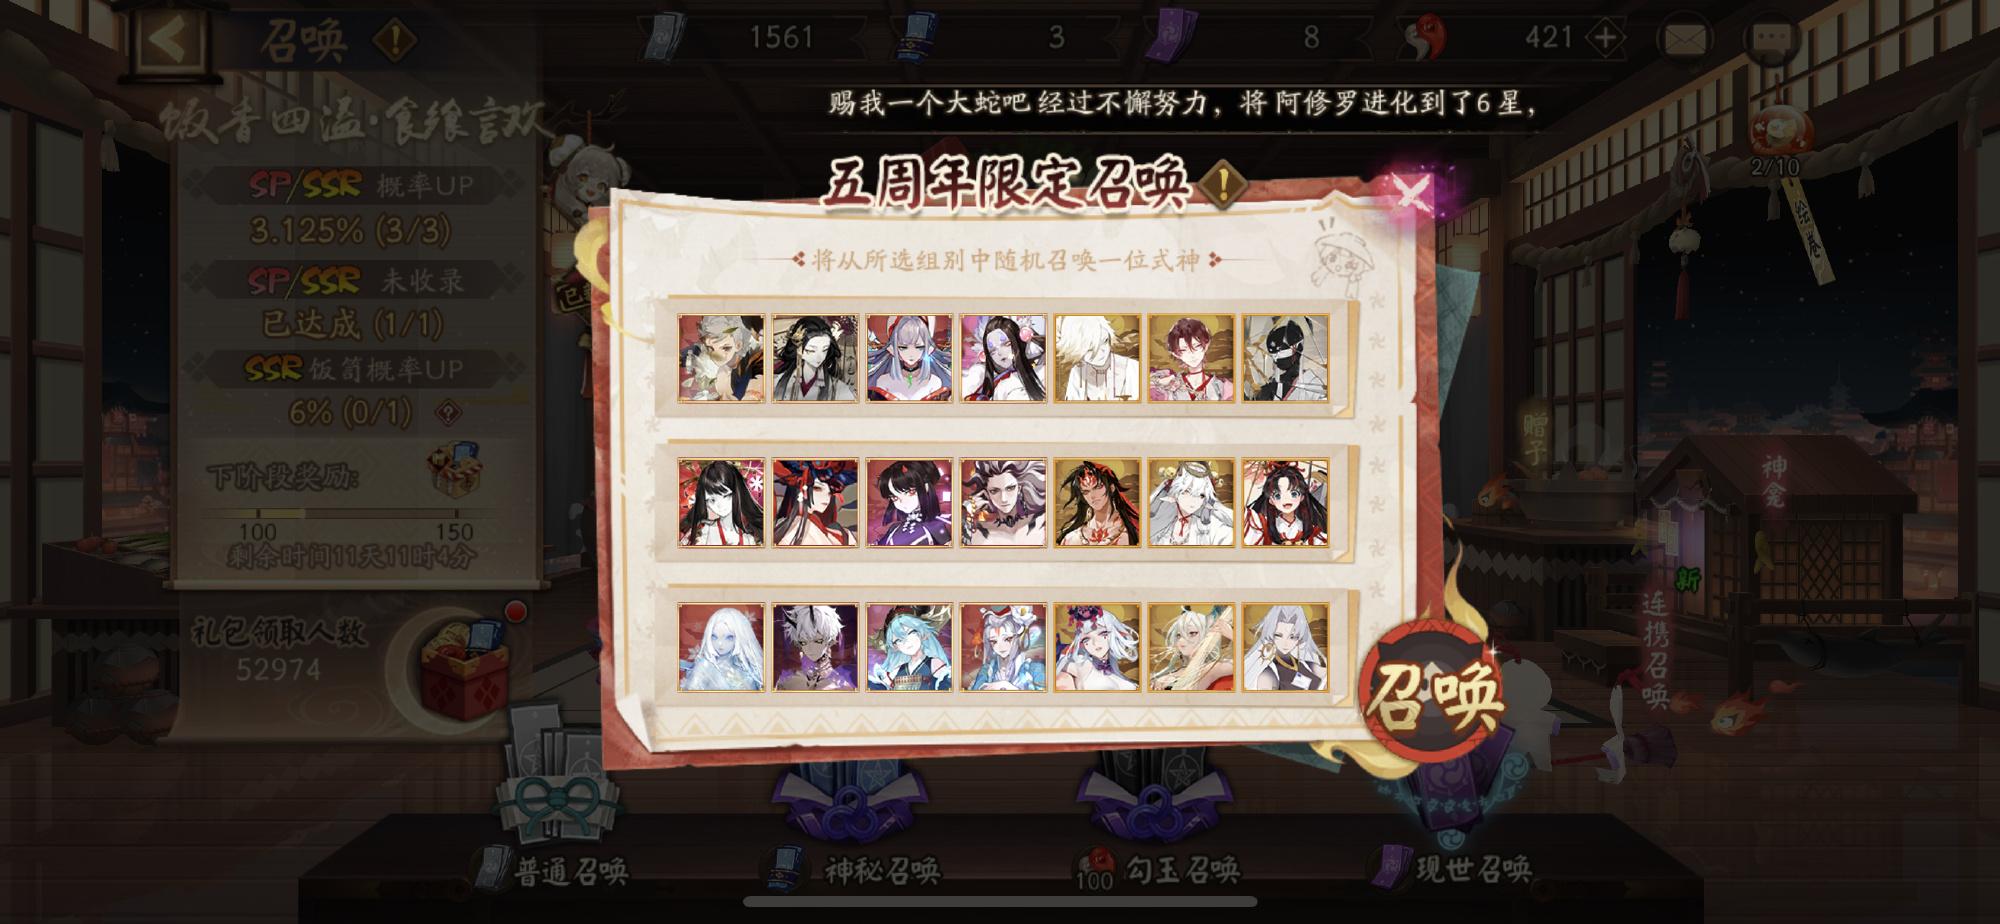 《阴阳师》五周年限定召唤活动介绍